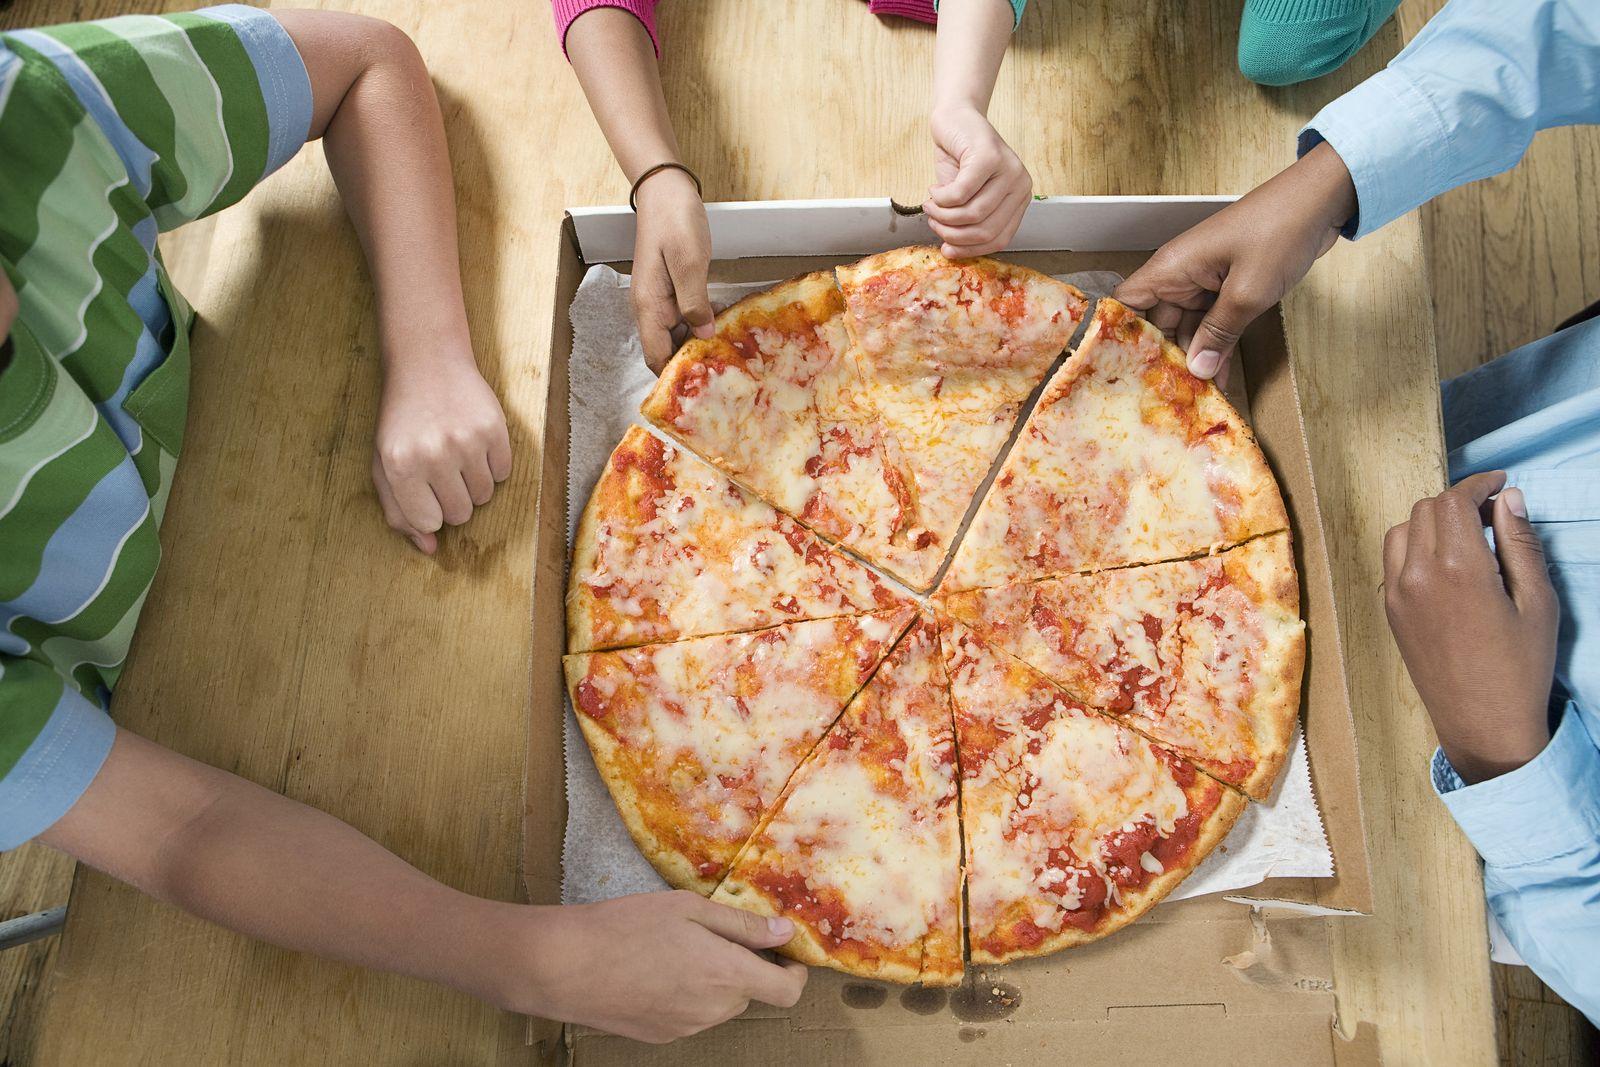 NICHT MEHR VERWENDEN! - Pizza/ Fett